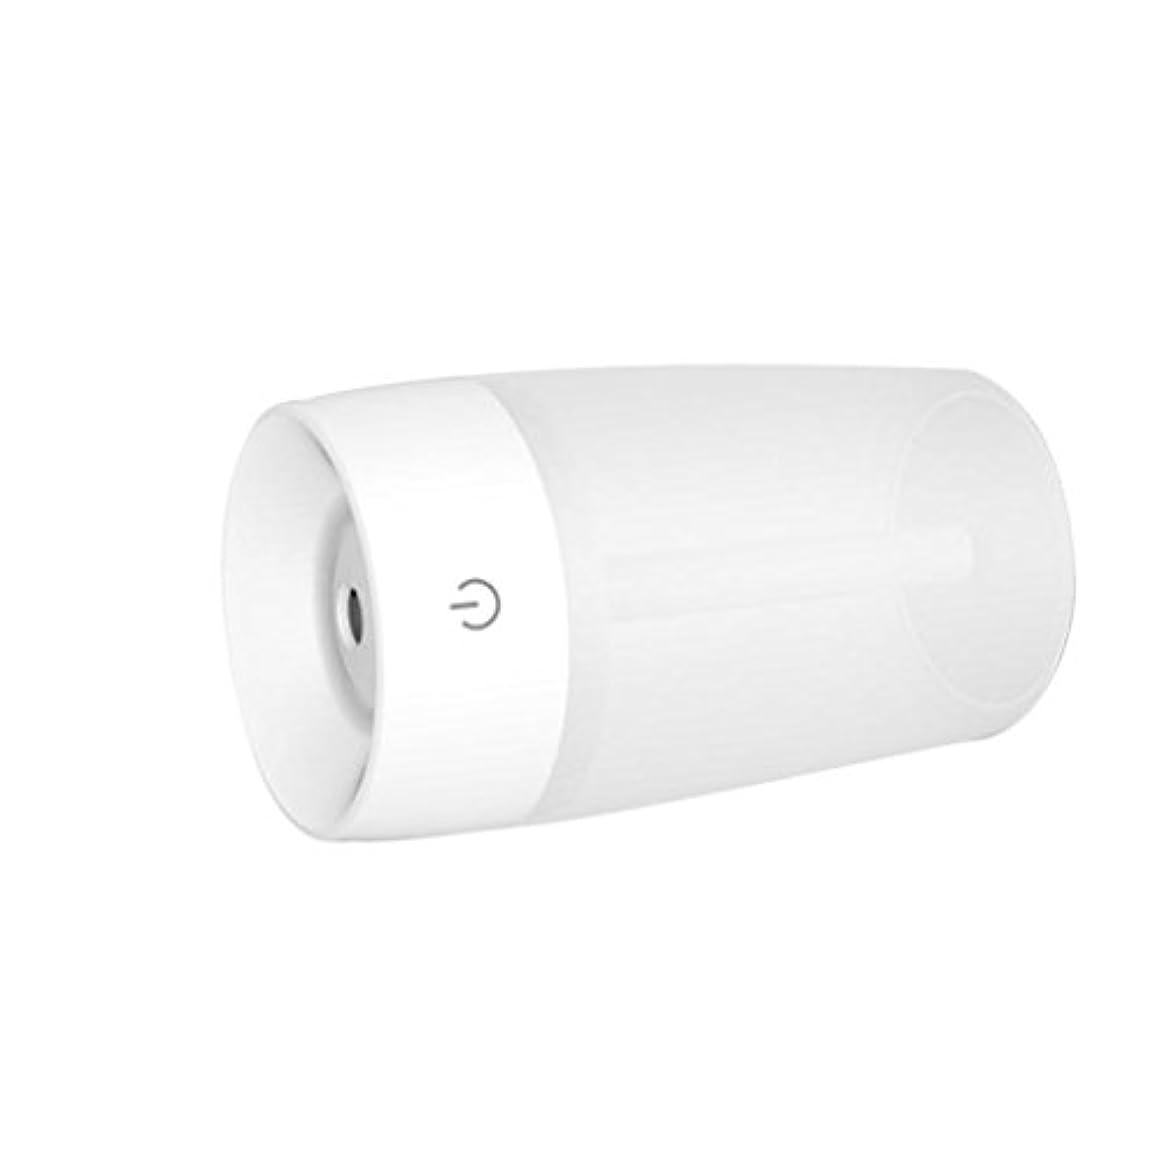 パラメータ何十人も冬加湿器 USB カップ形状 ポータブル アロマディフューザー 空気 アトマイザー 全3色 - 白い